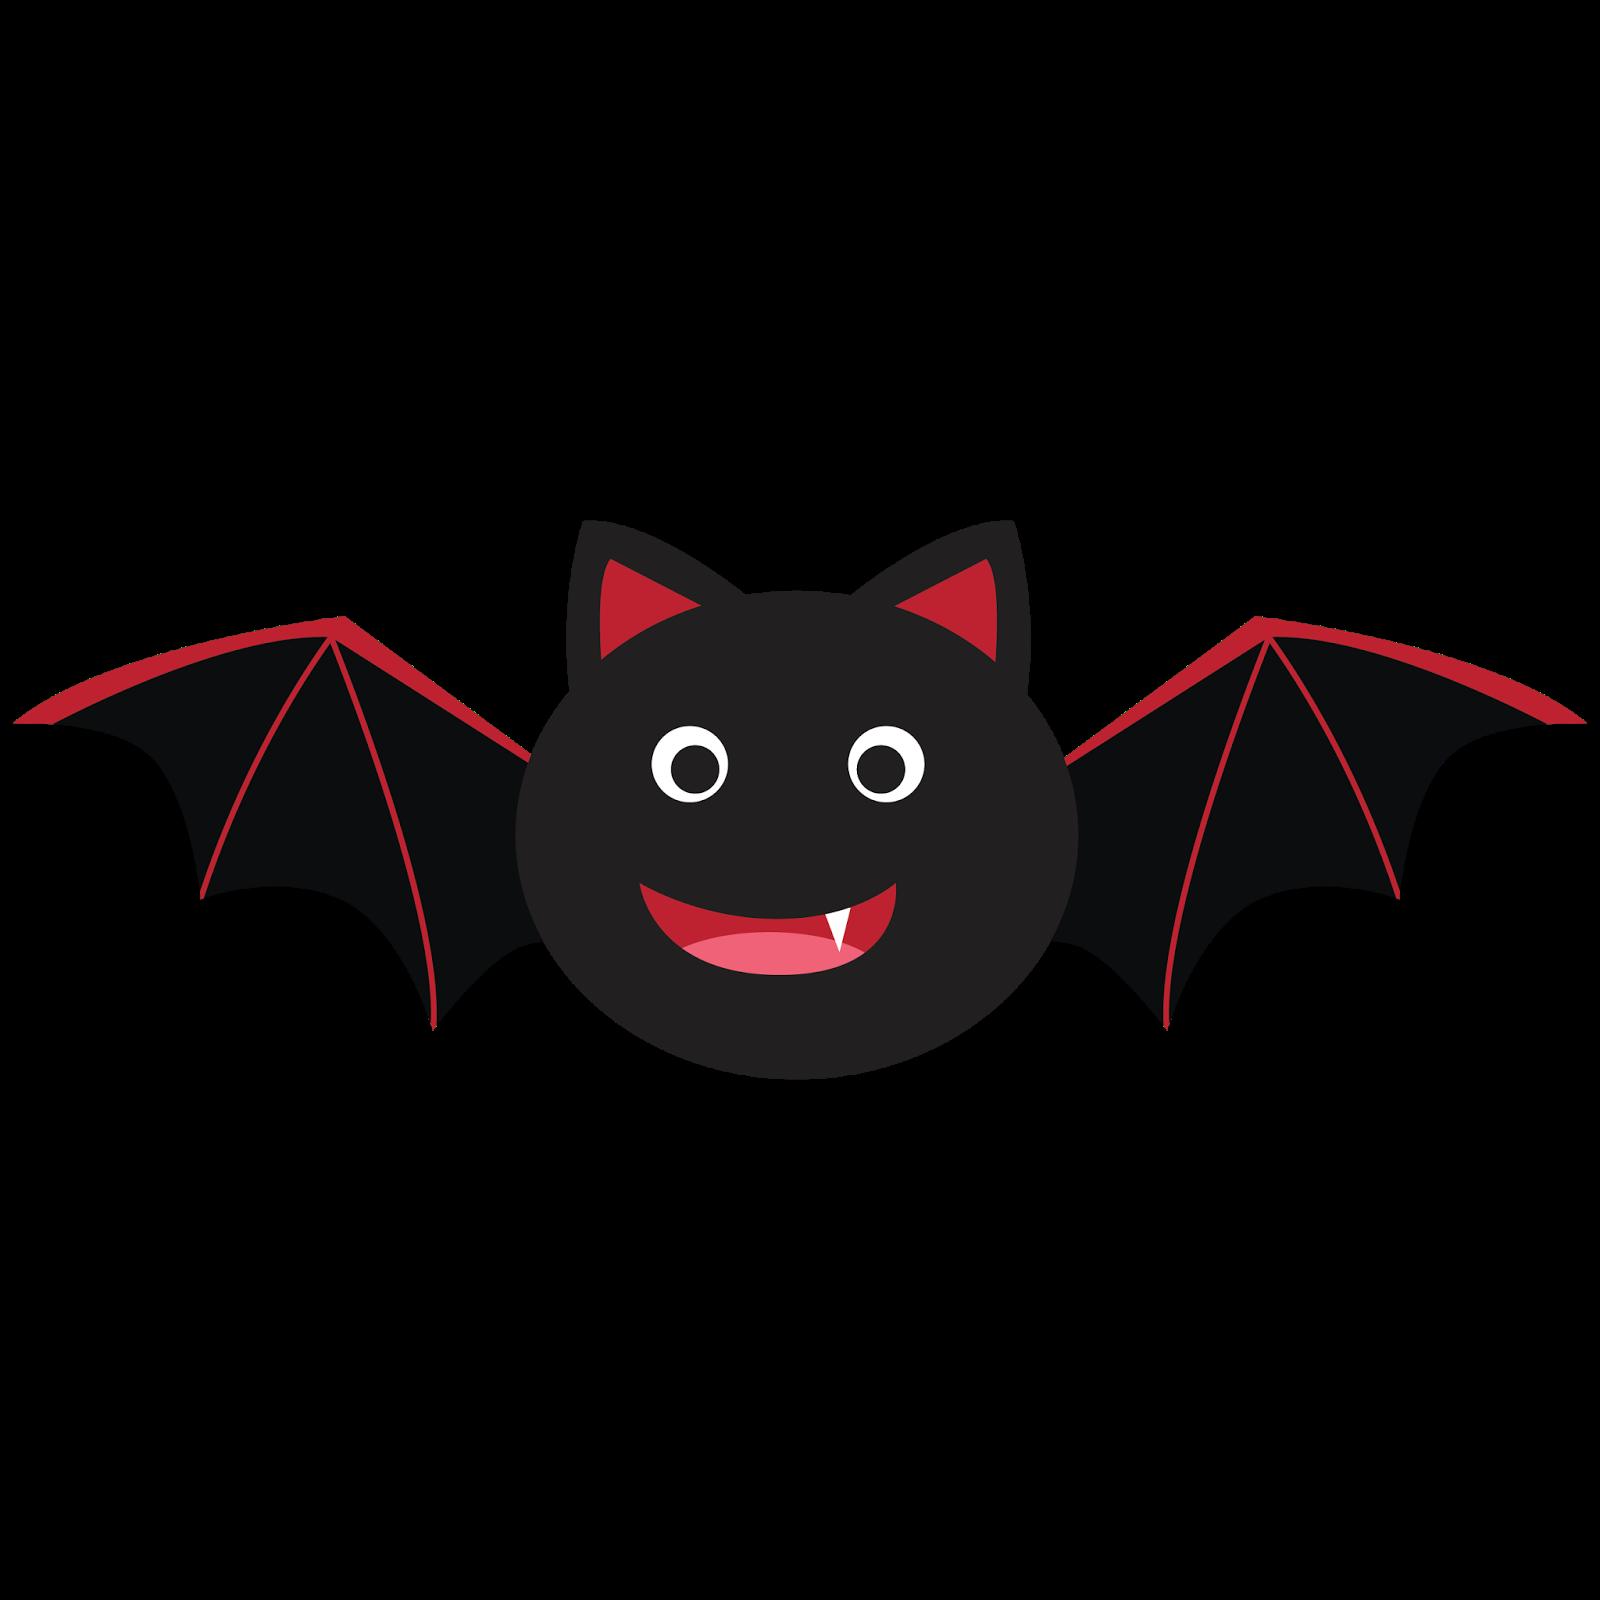 bat clipart 15month